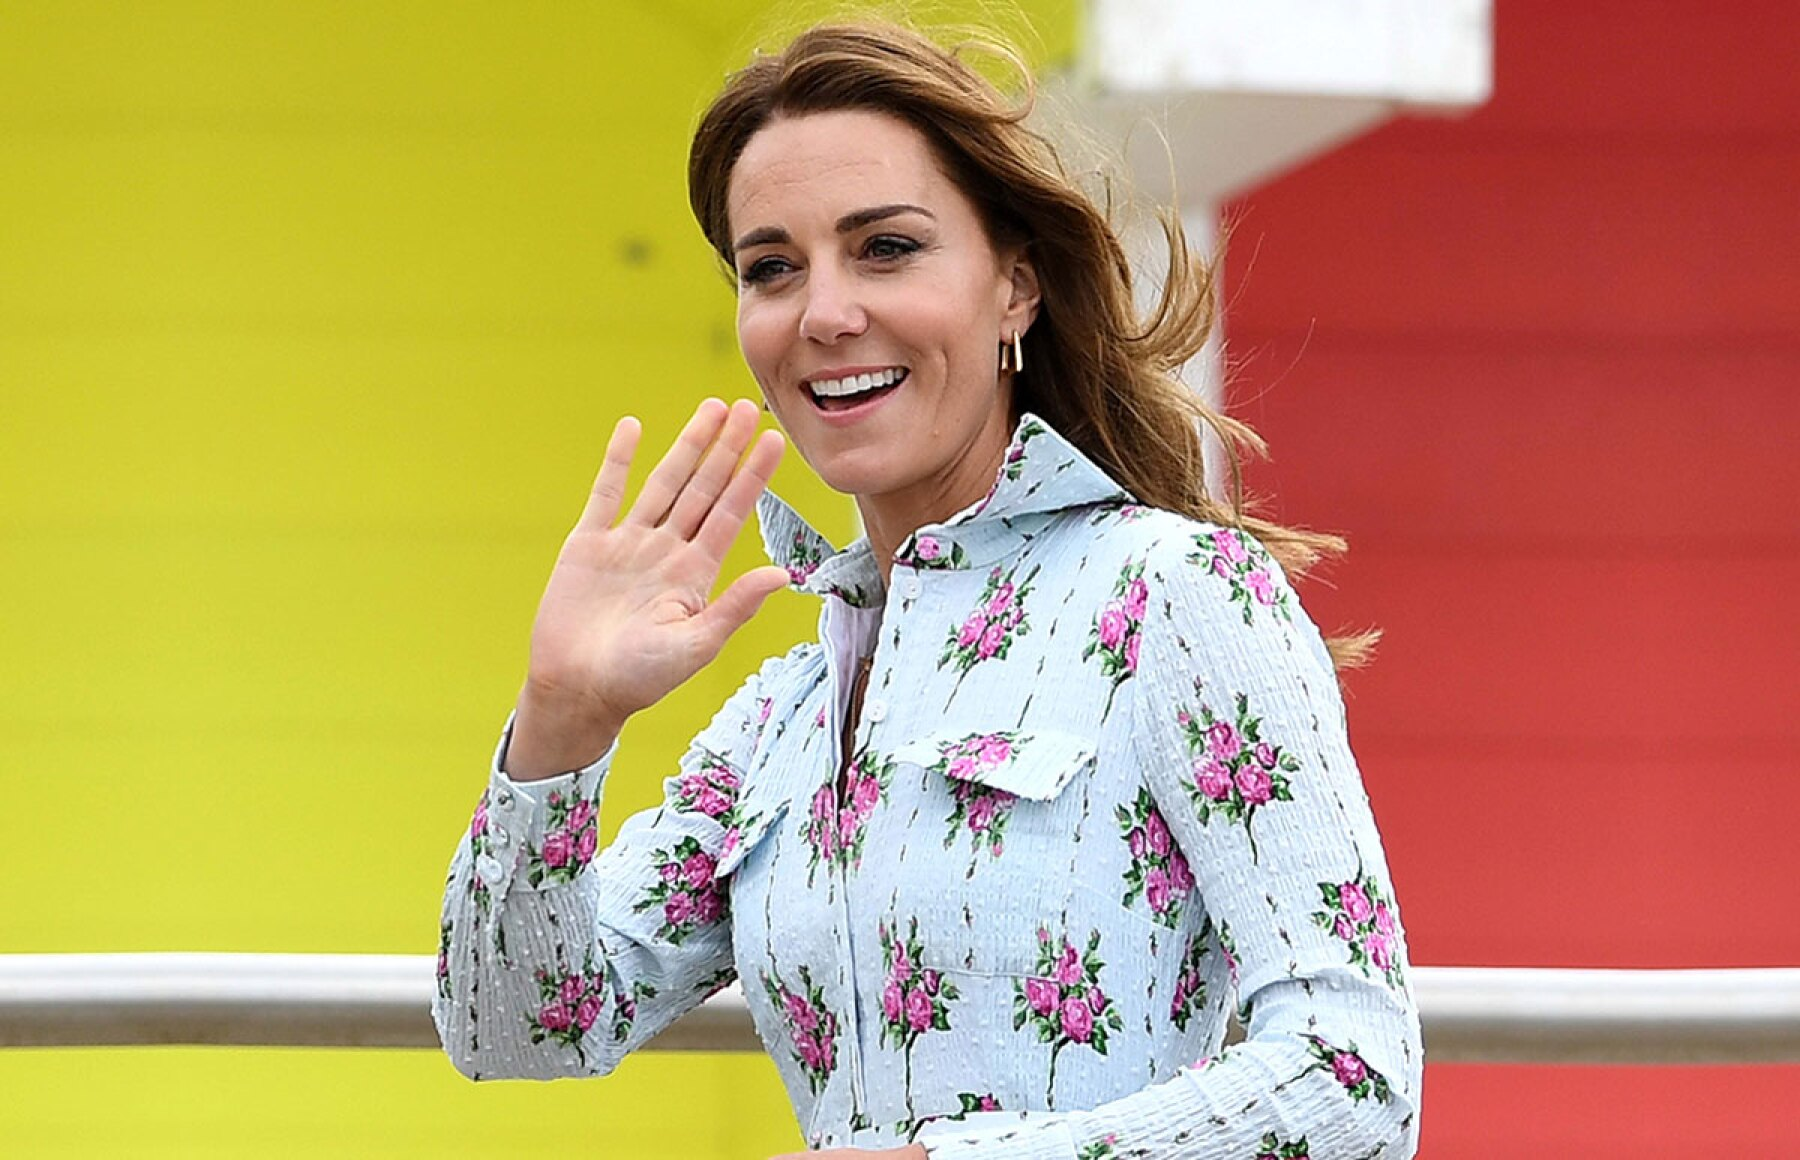 Foto: Shutterstock, Kate Middleton